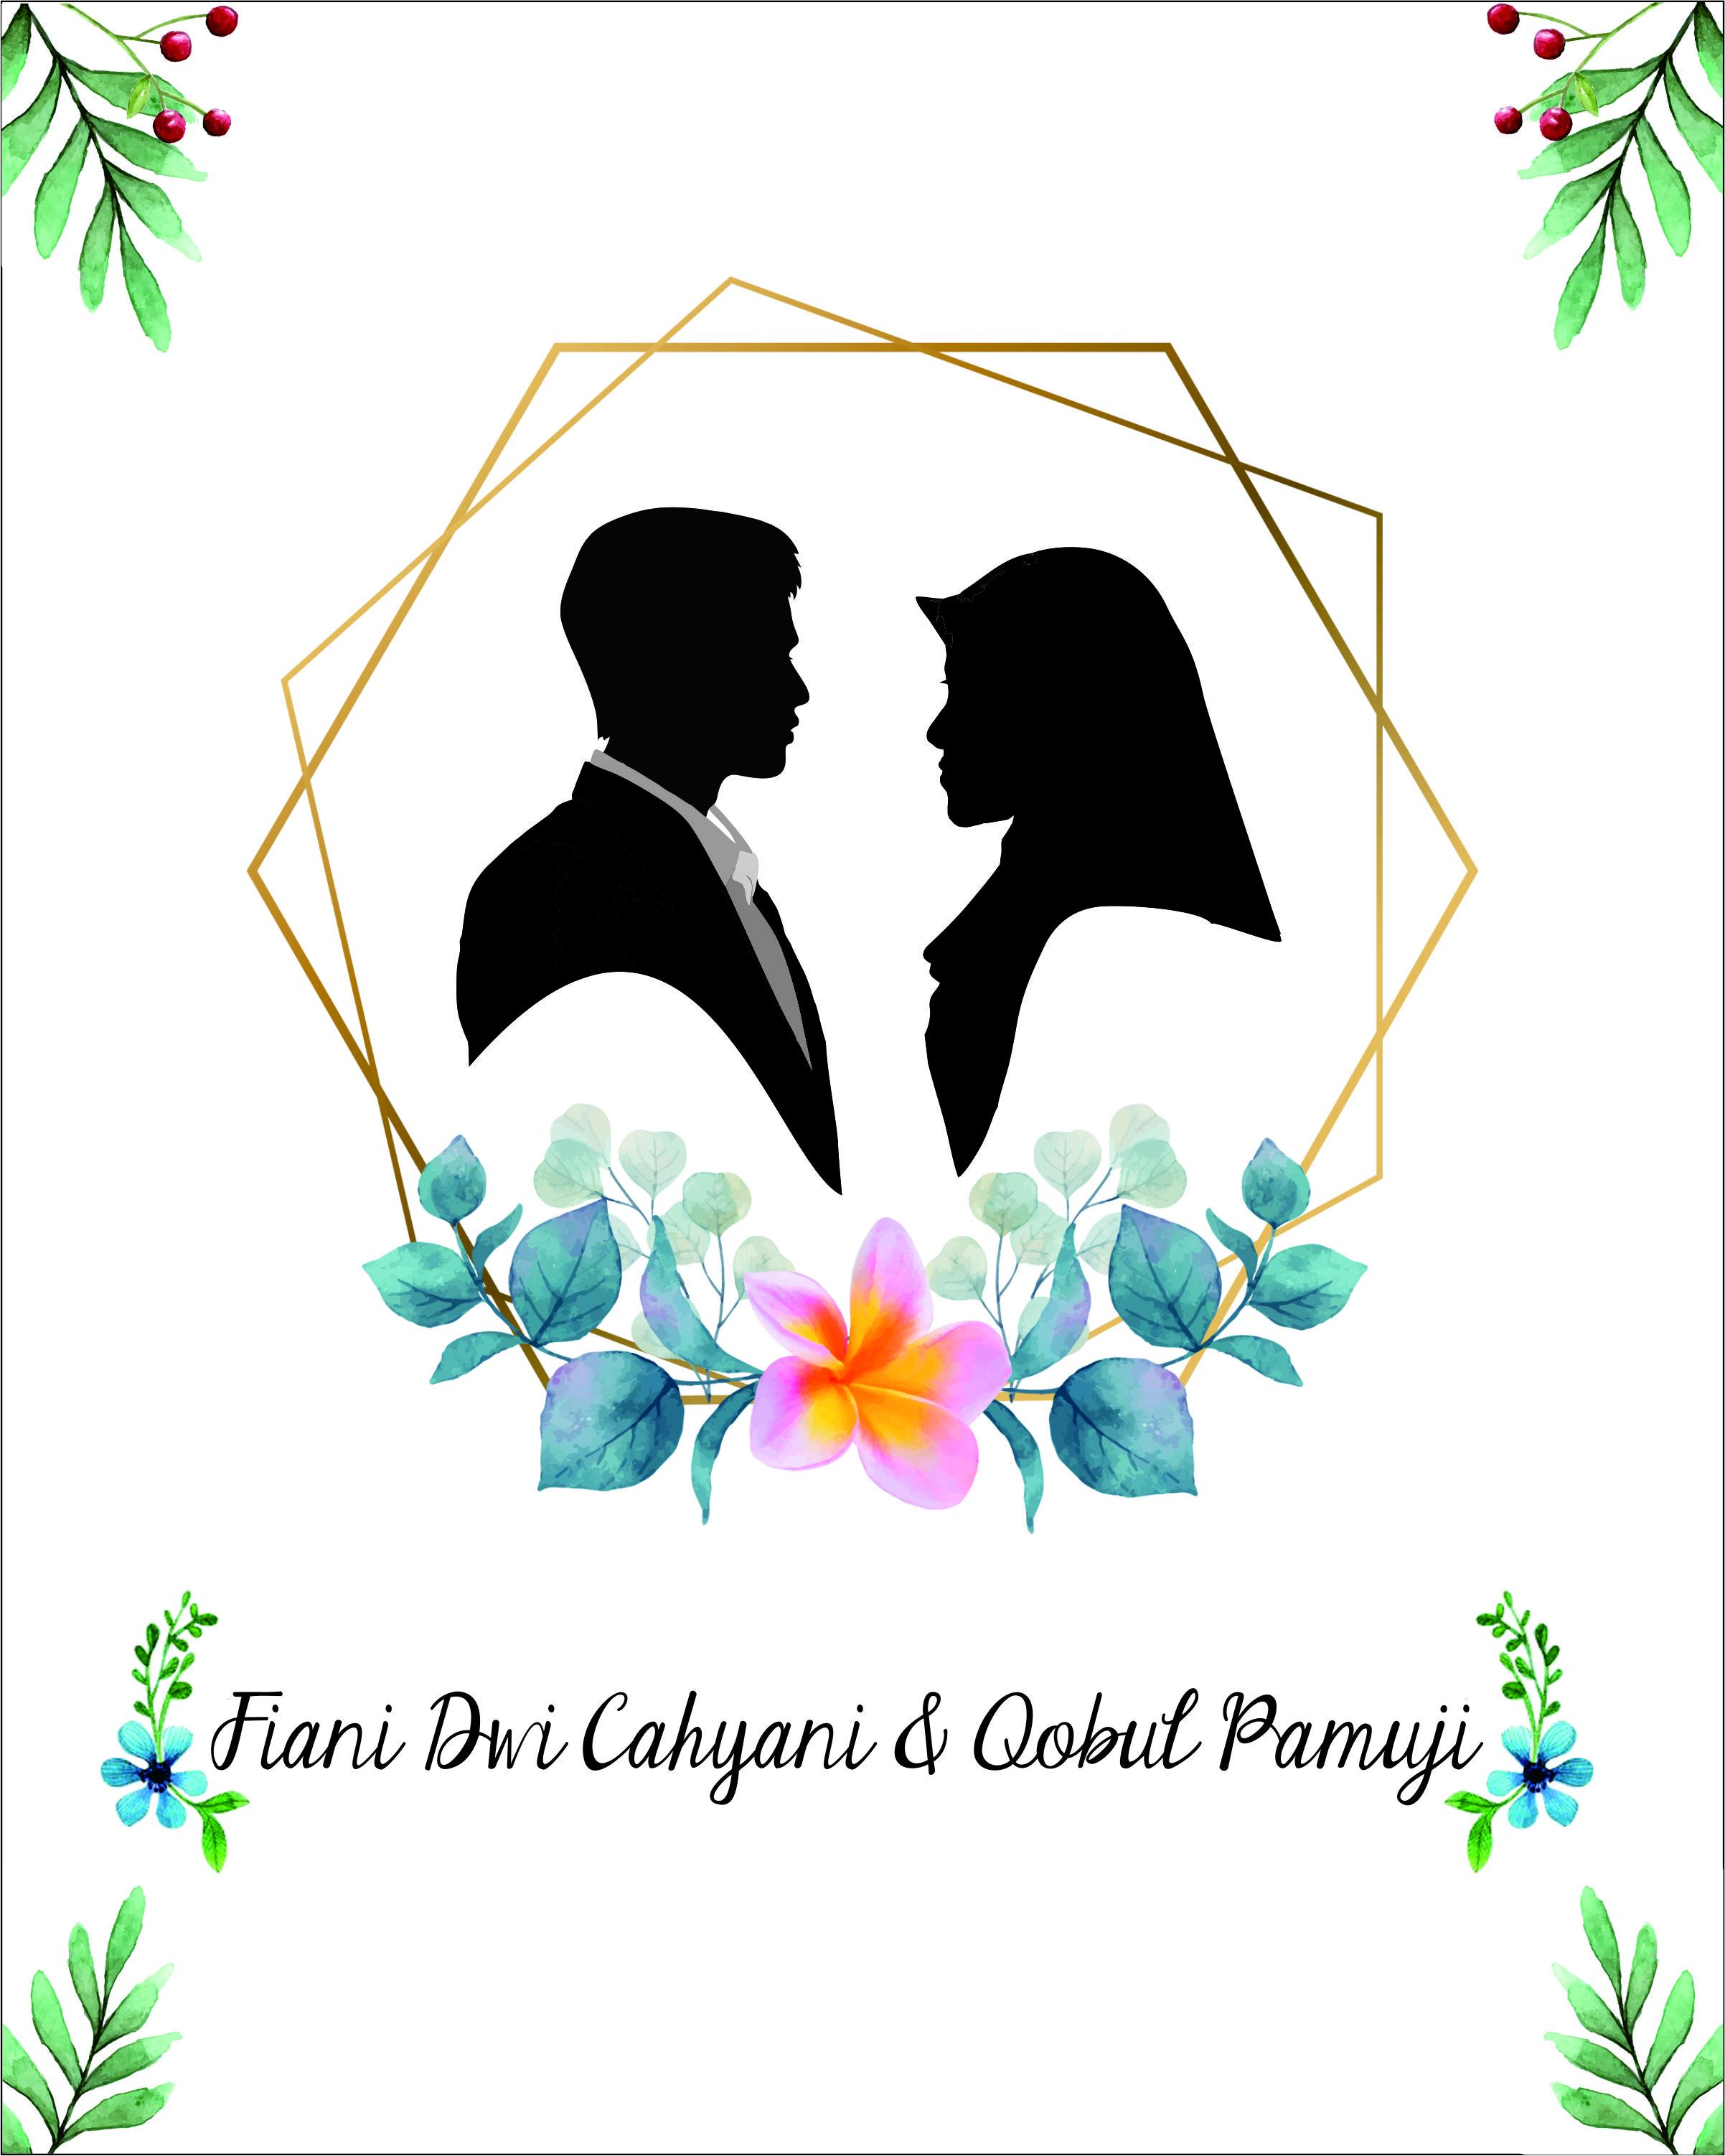 Tulisan The Wedding Png : tulisan, wedding, Animasi, Wedding, Gambar, Pengantin,, Kartu, Pernikahan,